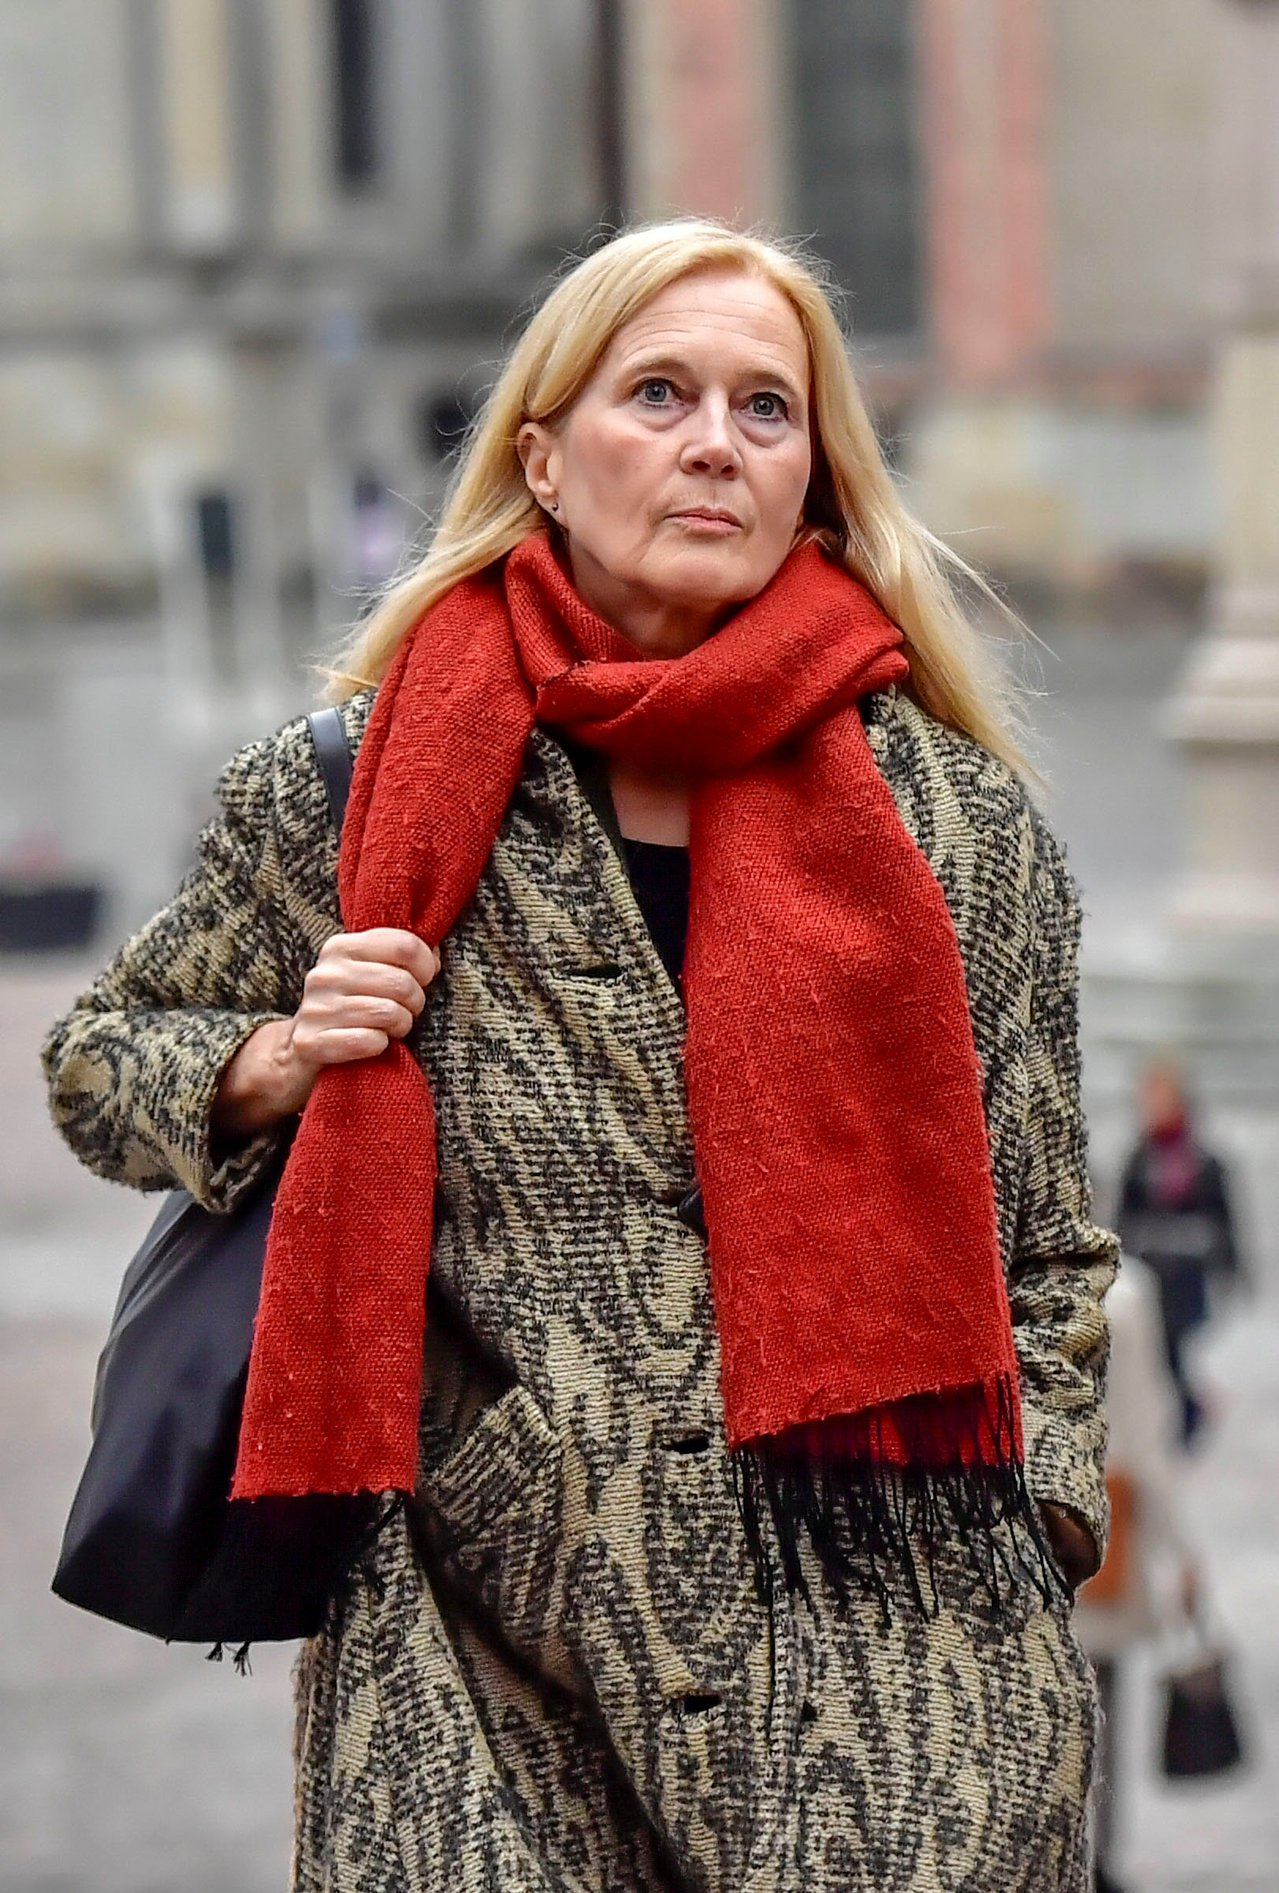 瑞典詩人福洛斯坦森因丈夫涉嫌性醜聞,已請辭瑞典學院院士。(路透)